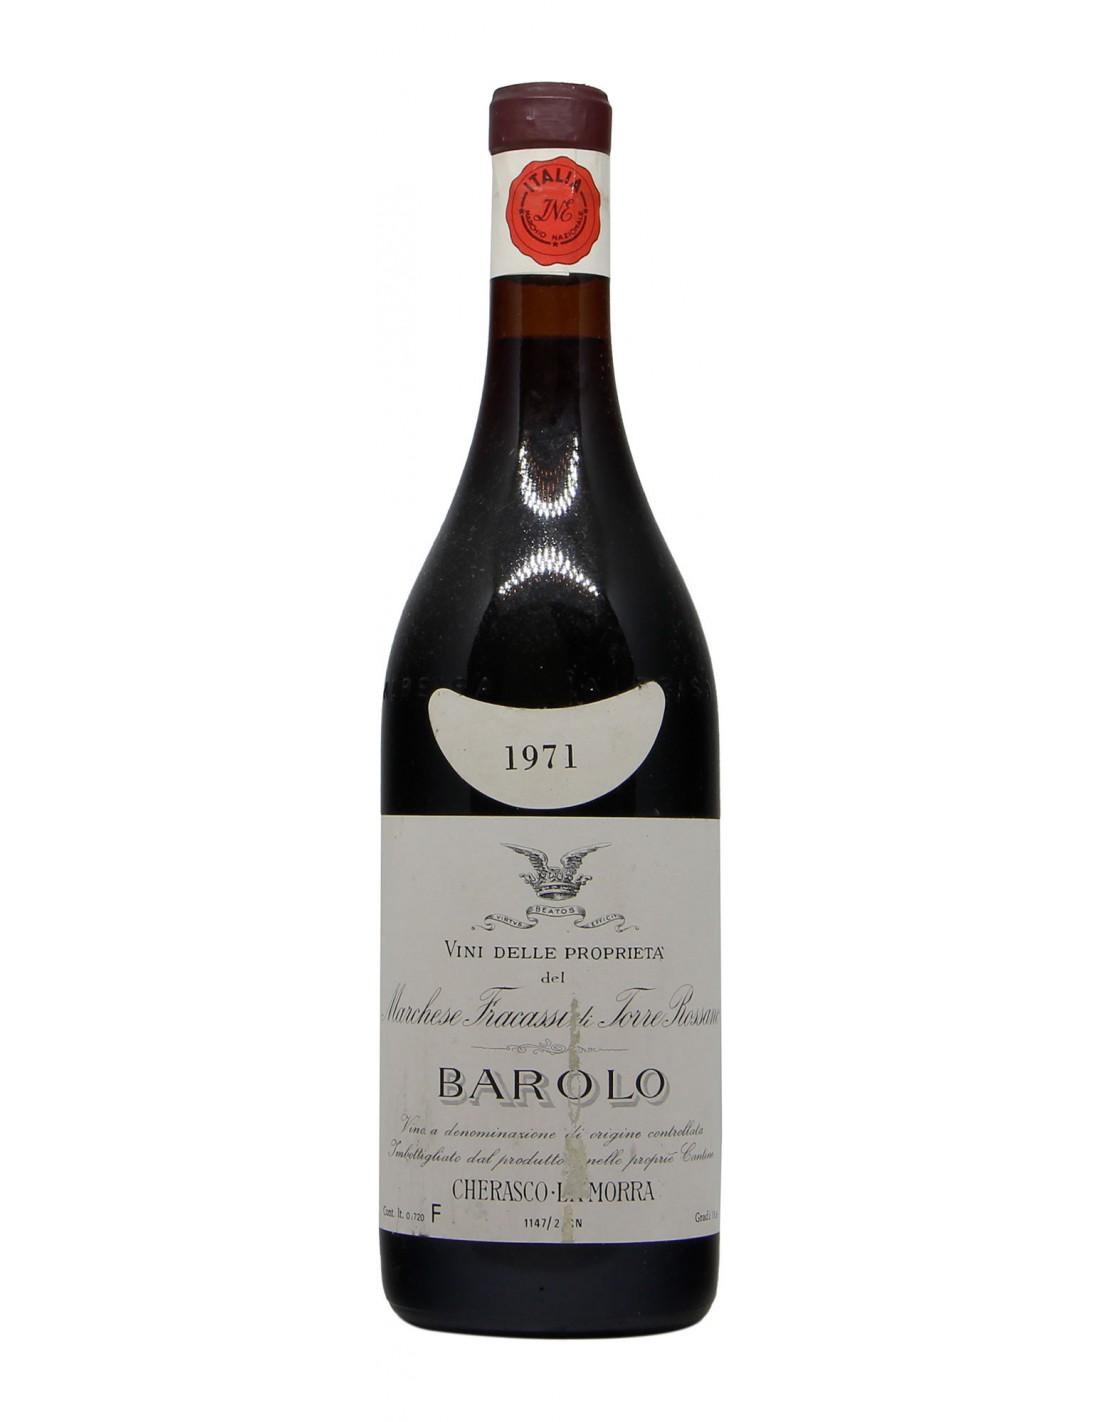 BAROLO 1971 FRACASSI Grandi Bottiglie